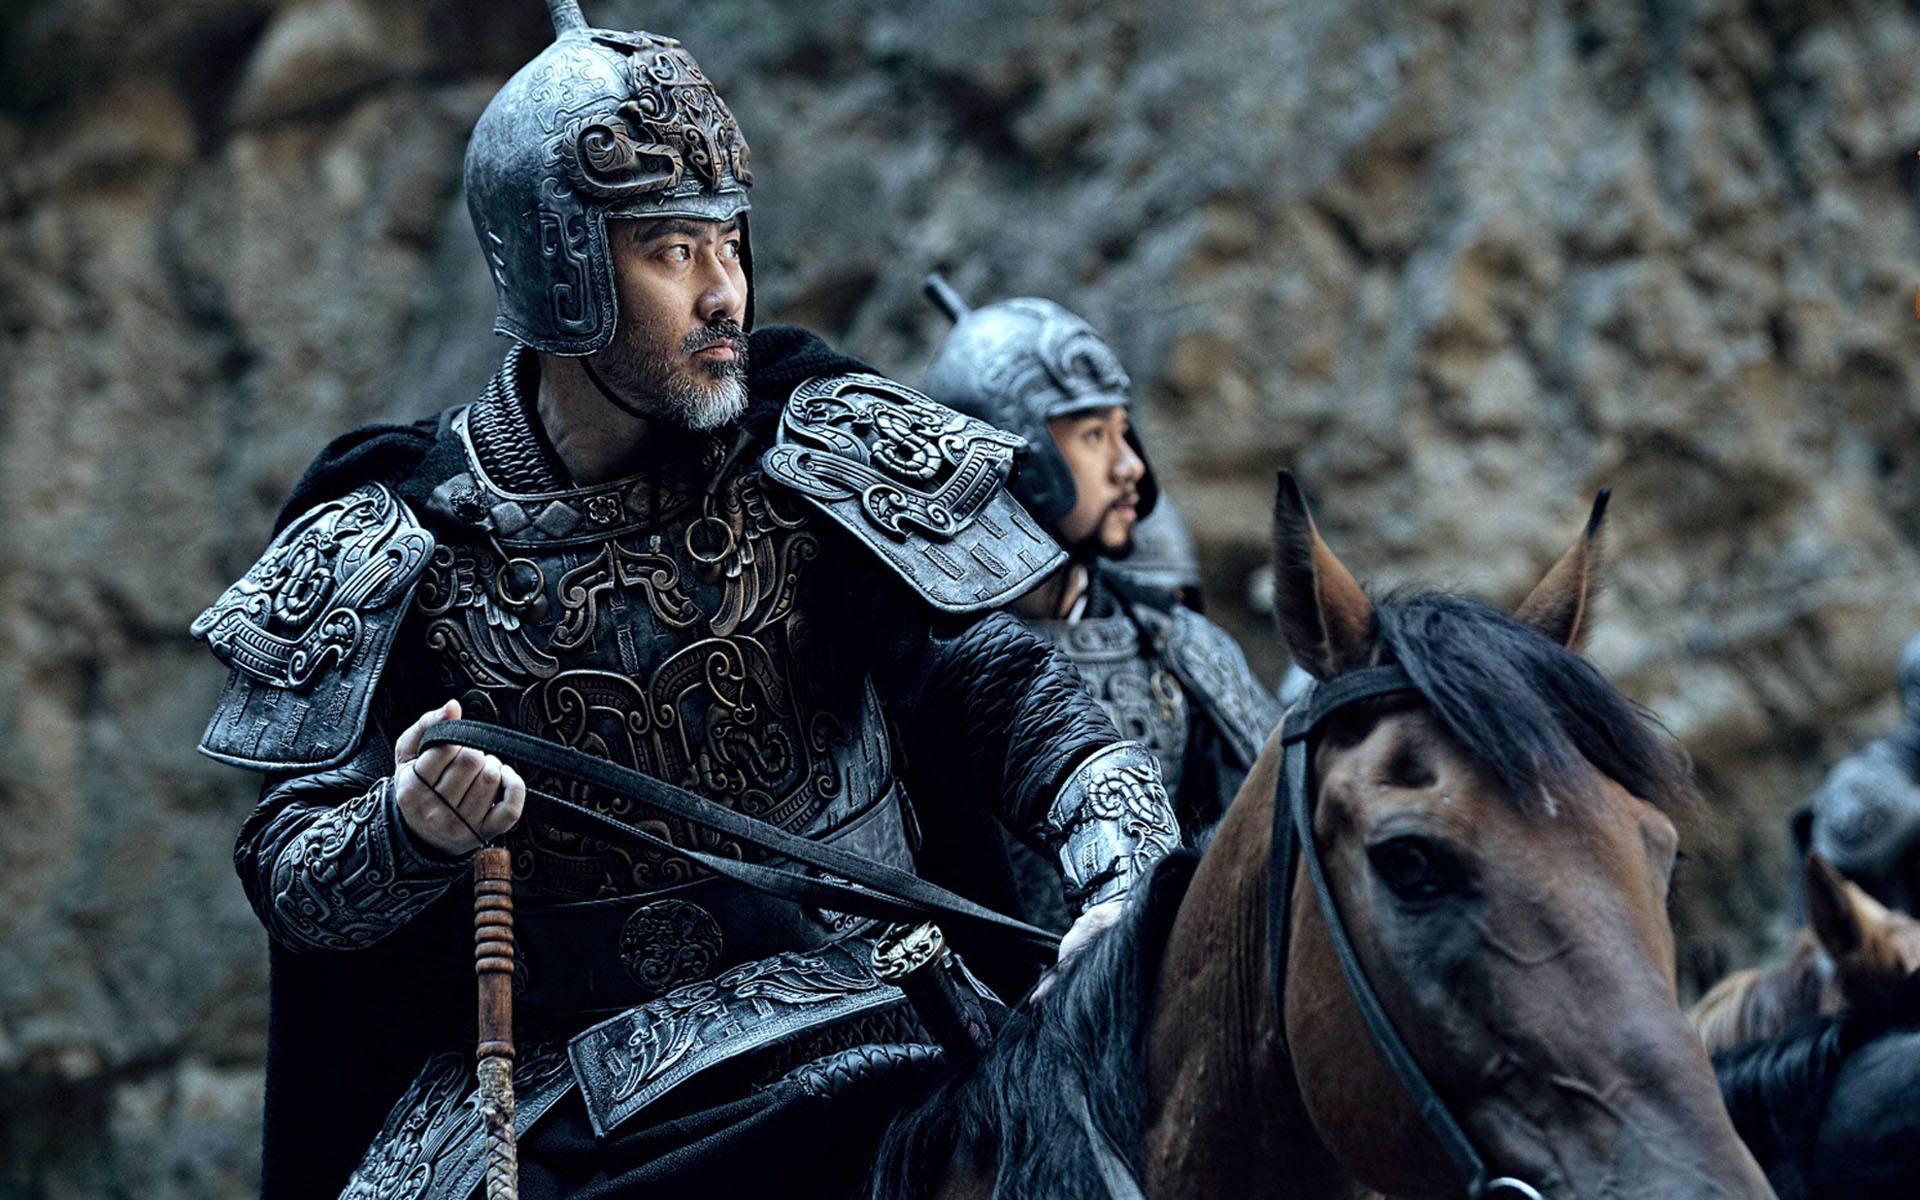 魏明帝送来冬衣,司马懿宁愿士兵冻死也不发,11年后发现他真高明